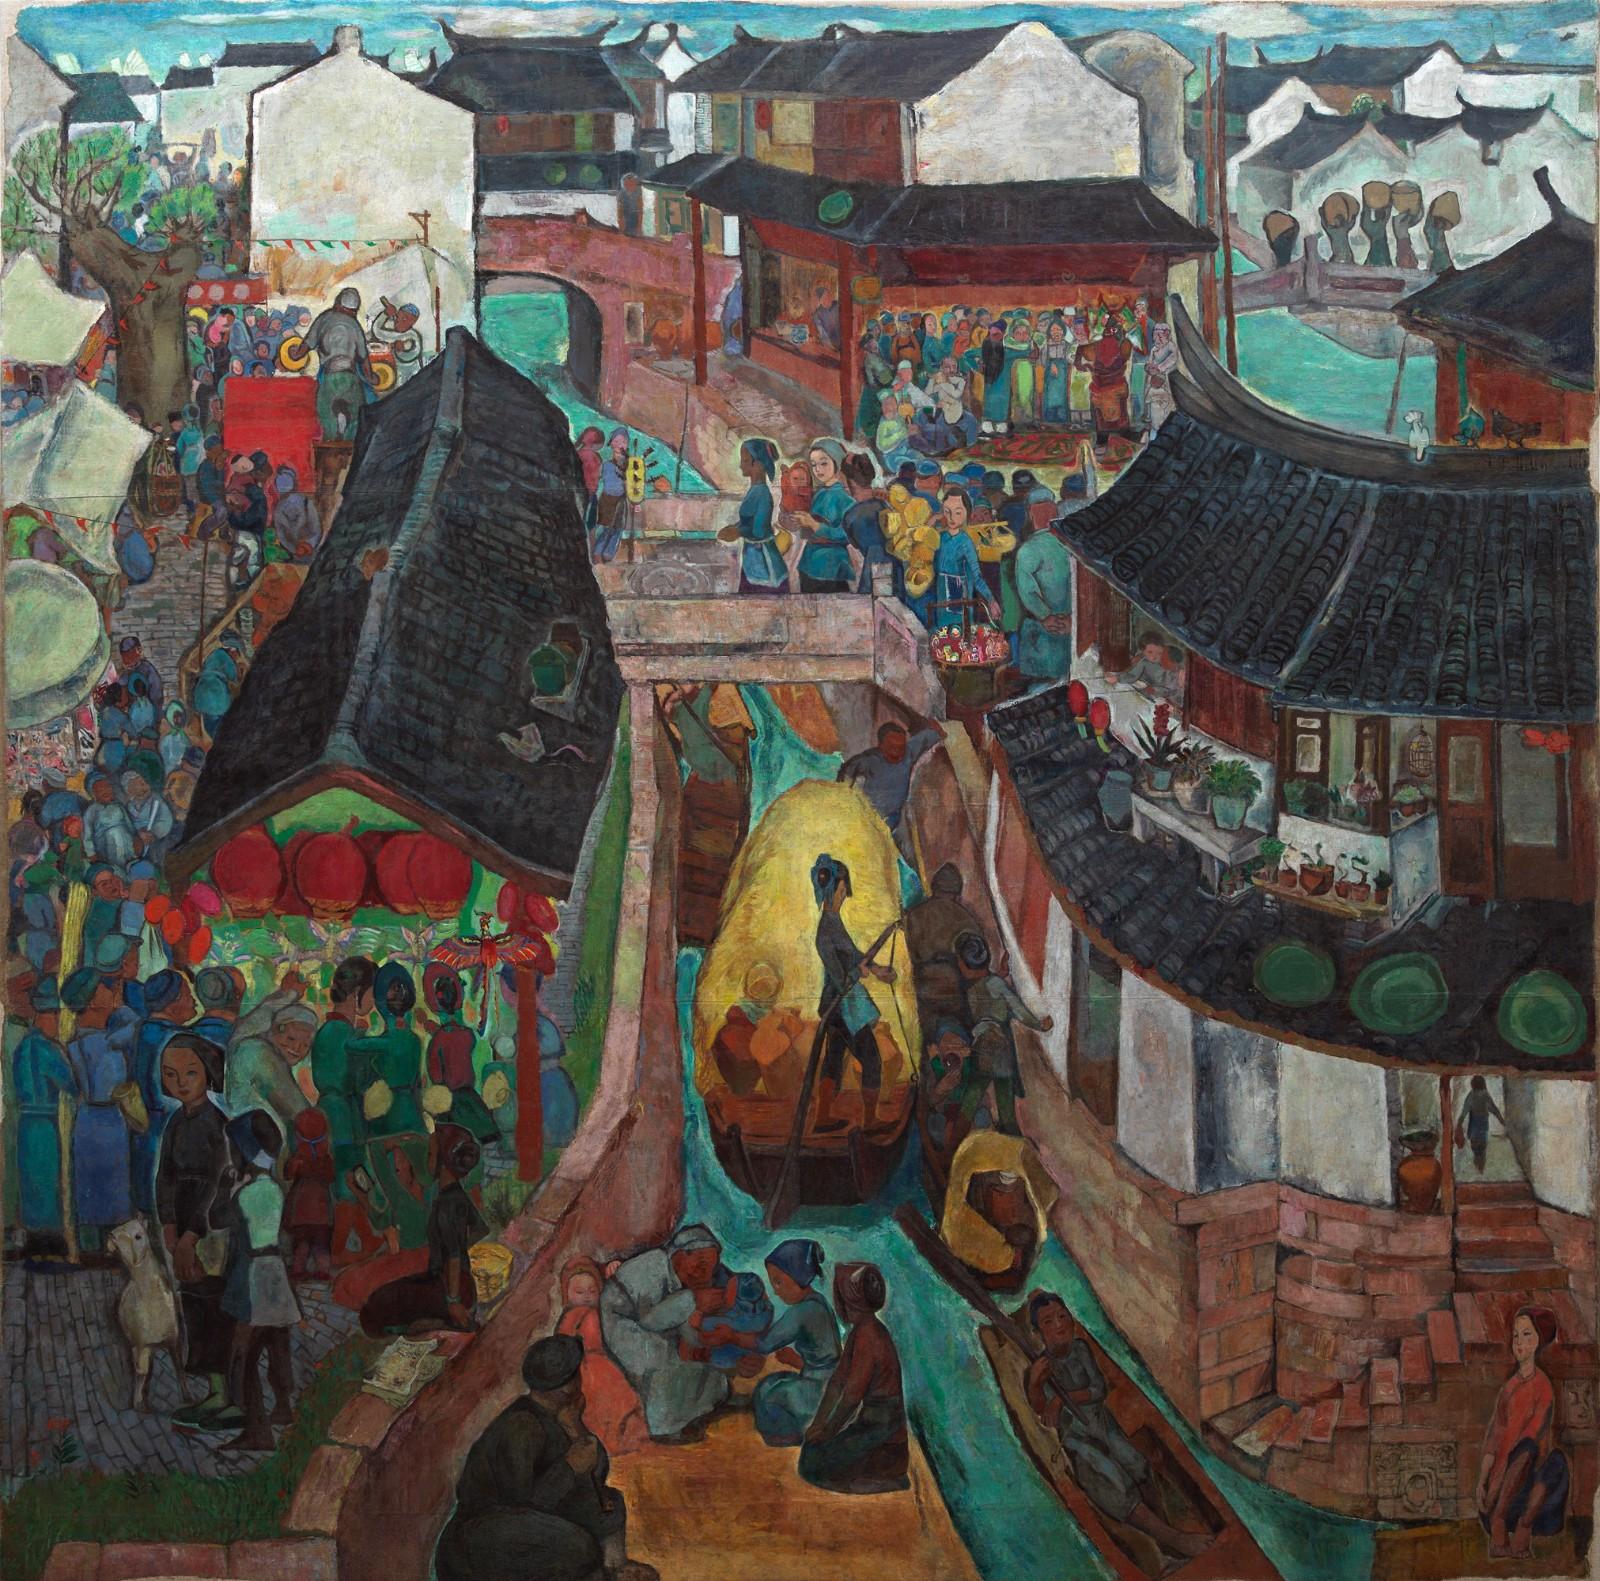 16《水乡的 记忆》(2020年修复后) 袁运生 243×245cm 1962 布面油彩 2021年艺术家捐赠中央美术学院美术馆.jpg